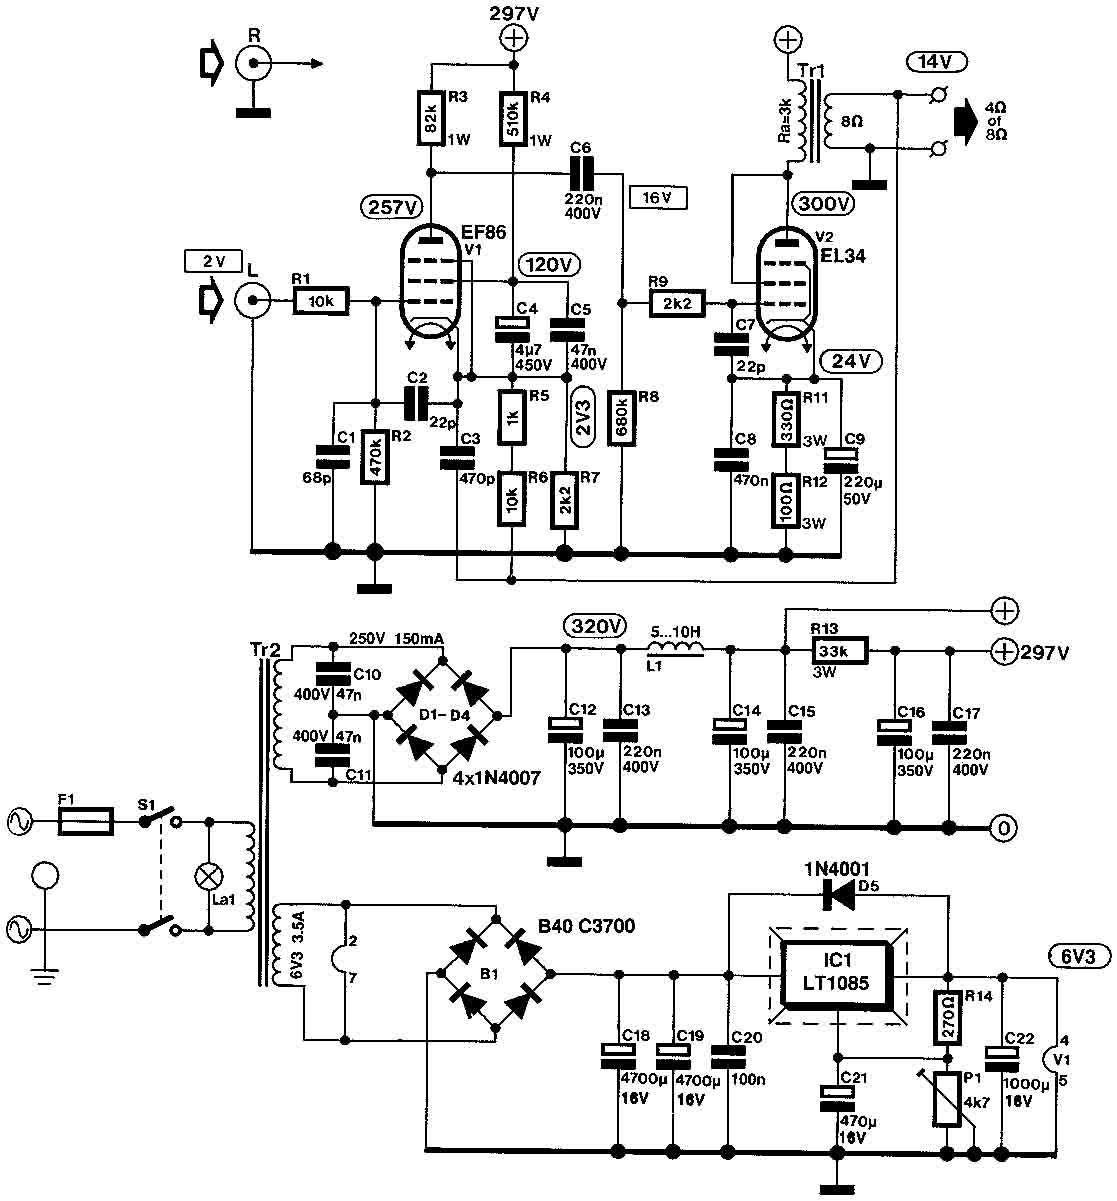 Pin By Dainius Zokas On Valve Amplifiers In